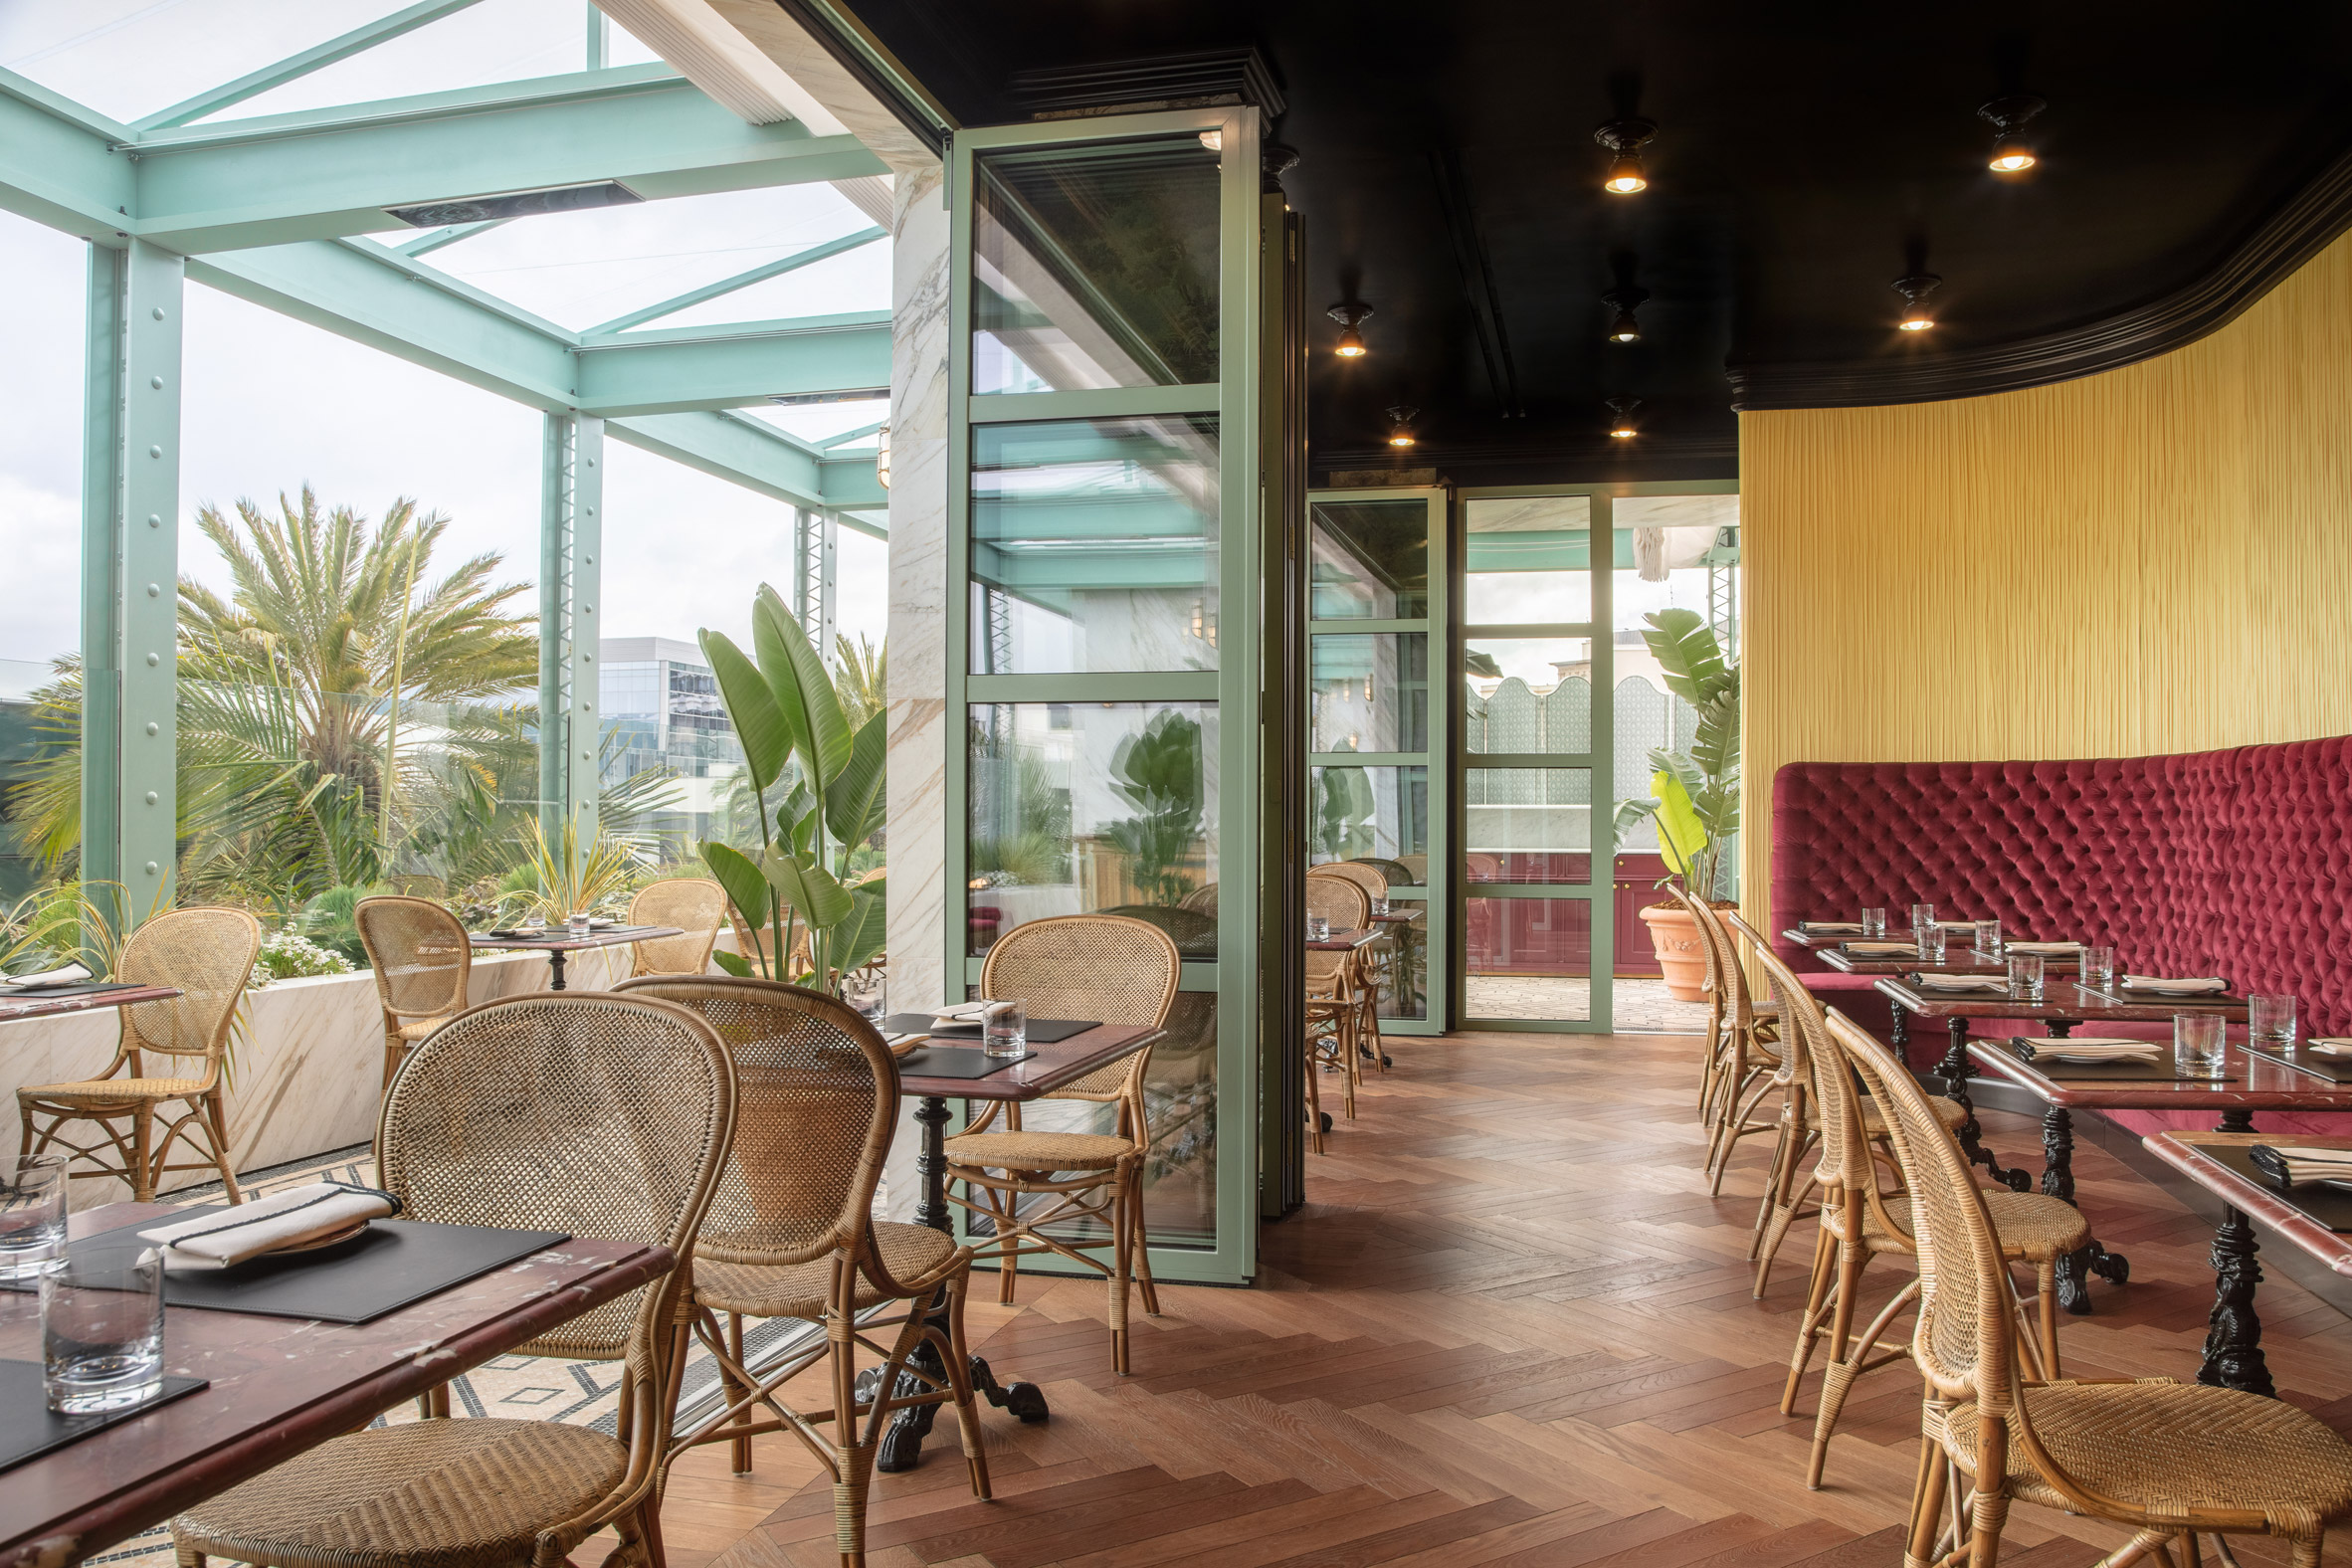 Gucci Osteria da Massimo Bottura restaurant in Los Angeles